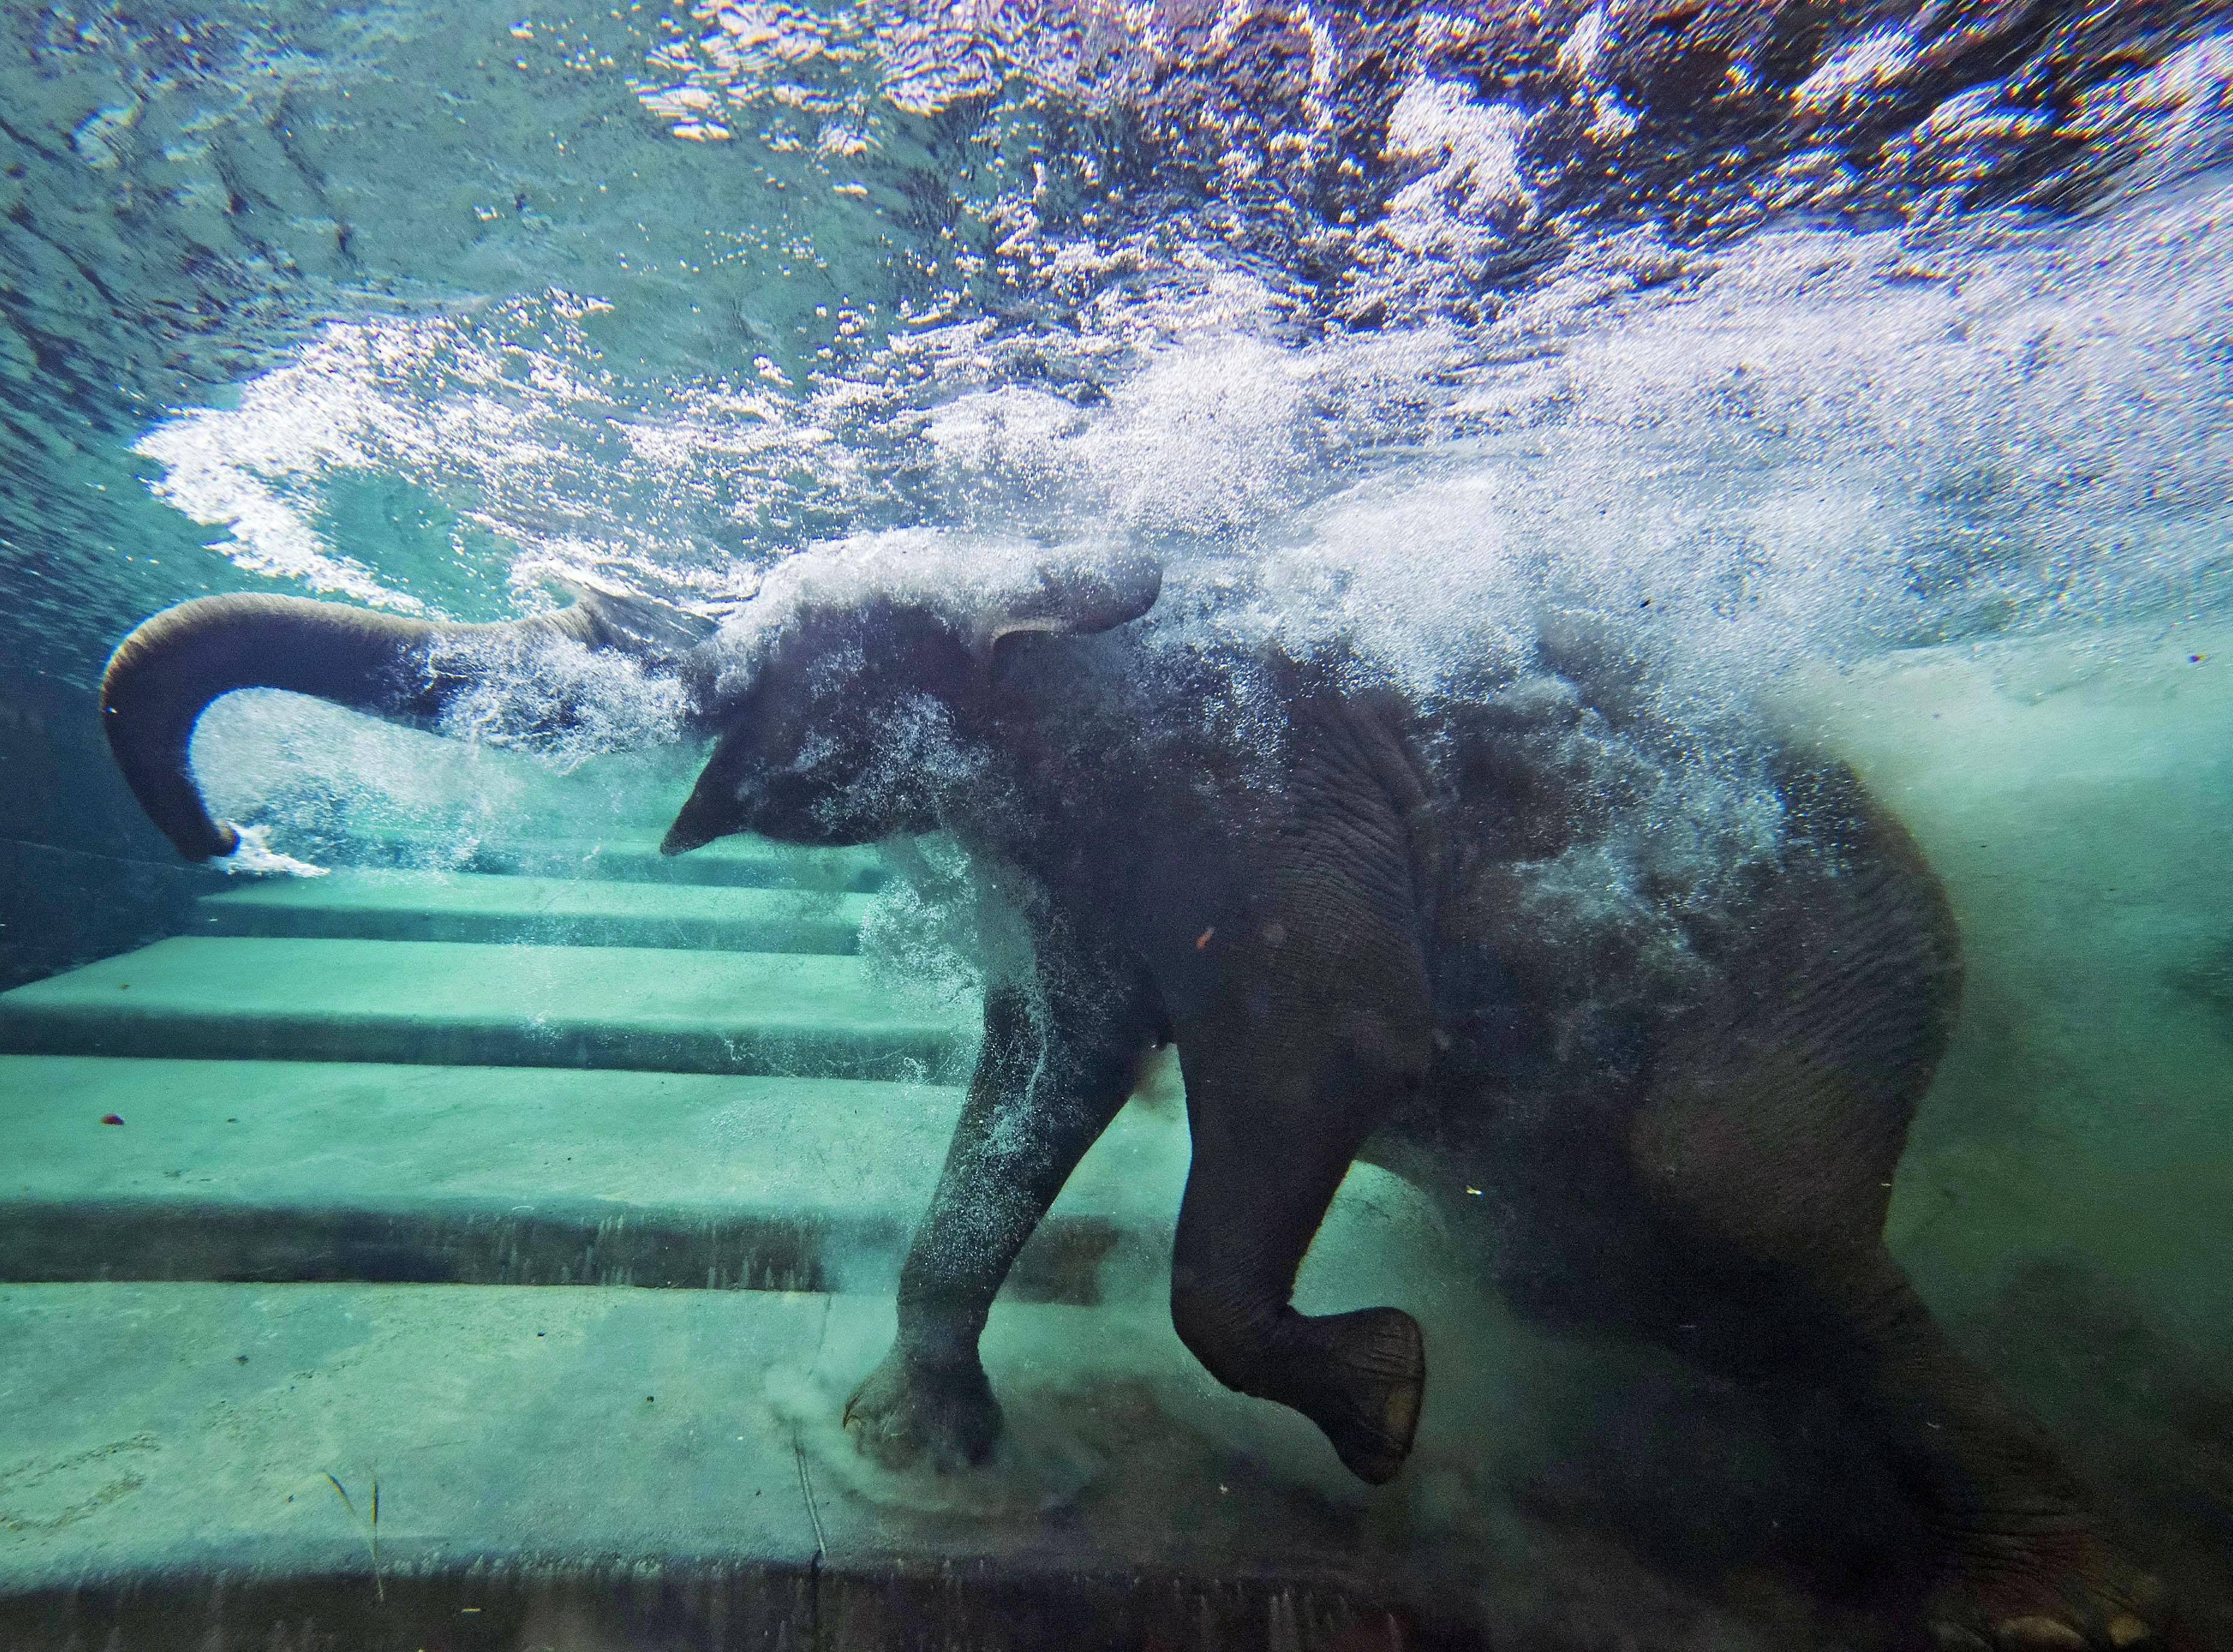 Elephant Man Disease Symptoms An elephant takes a dip in theElephant Man Disease Symptoms